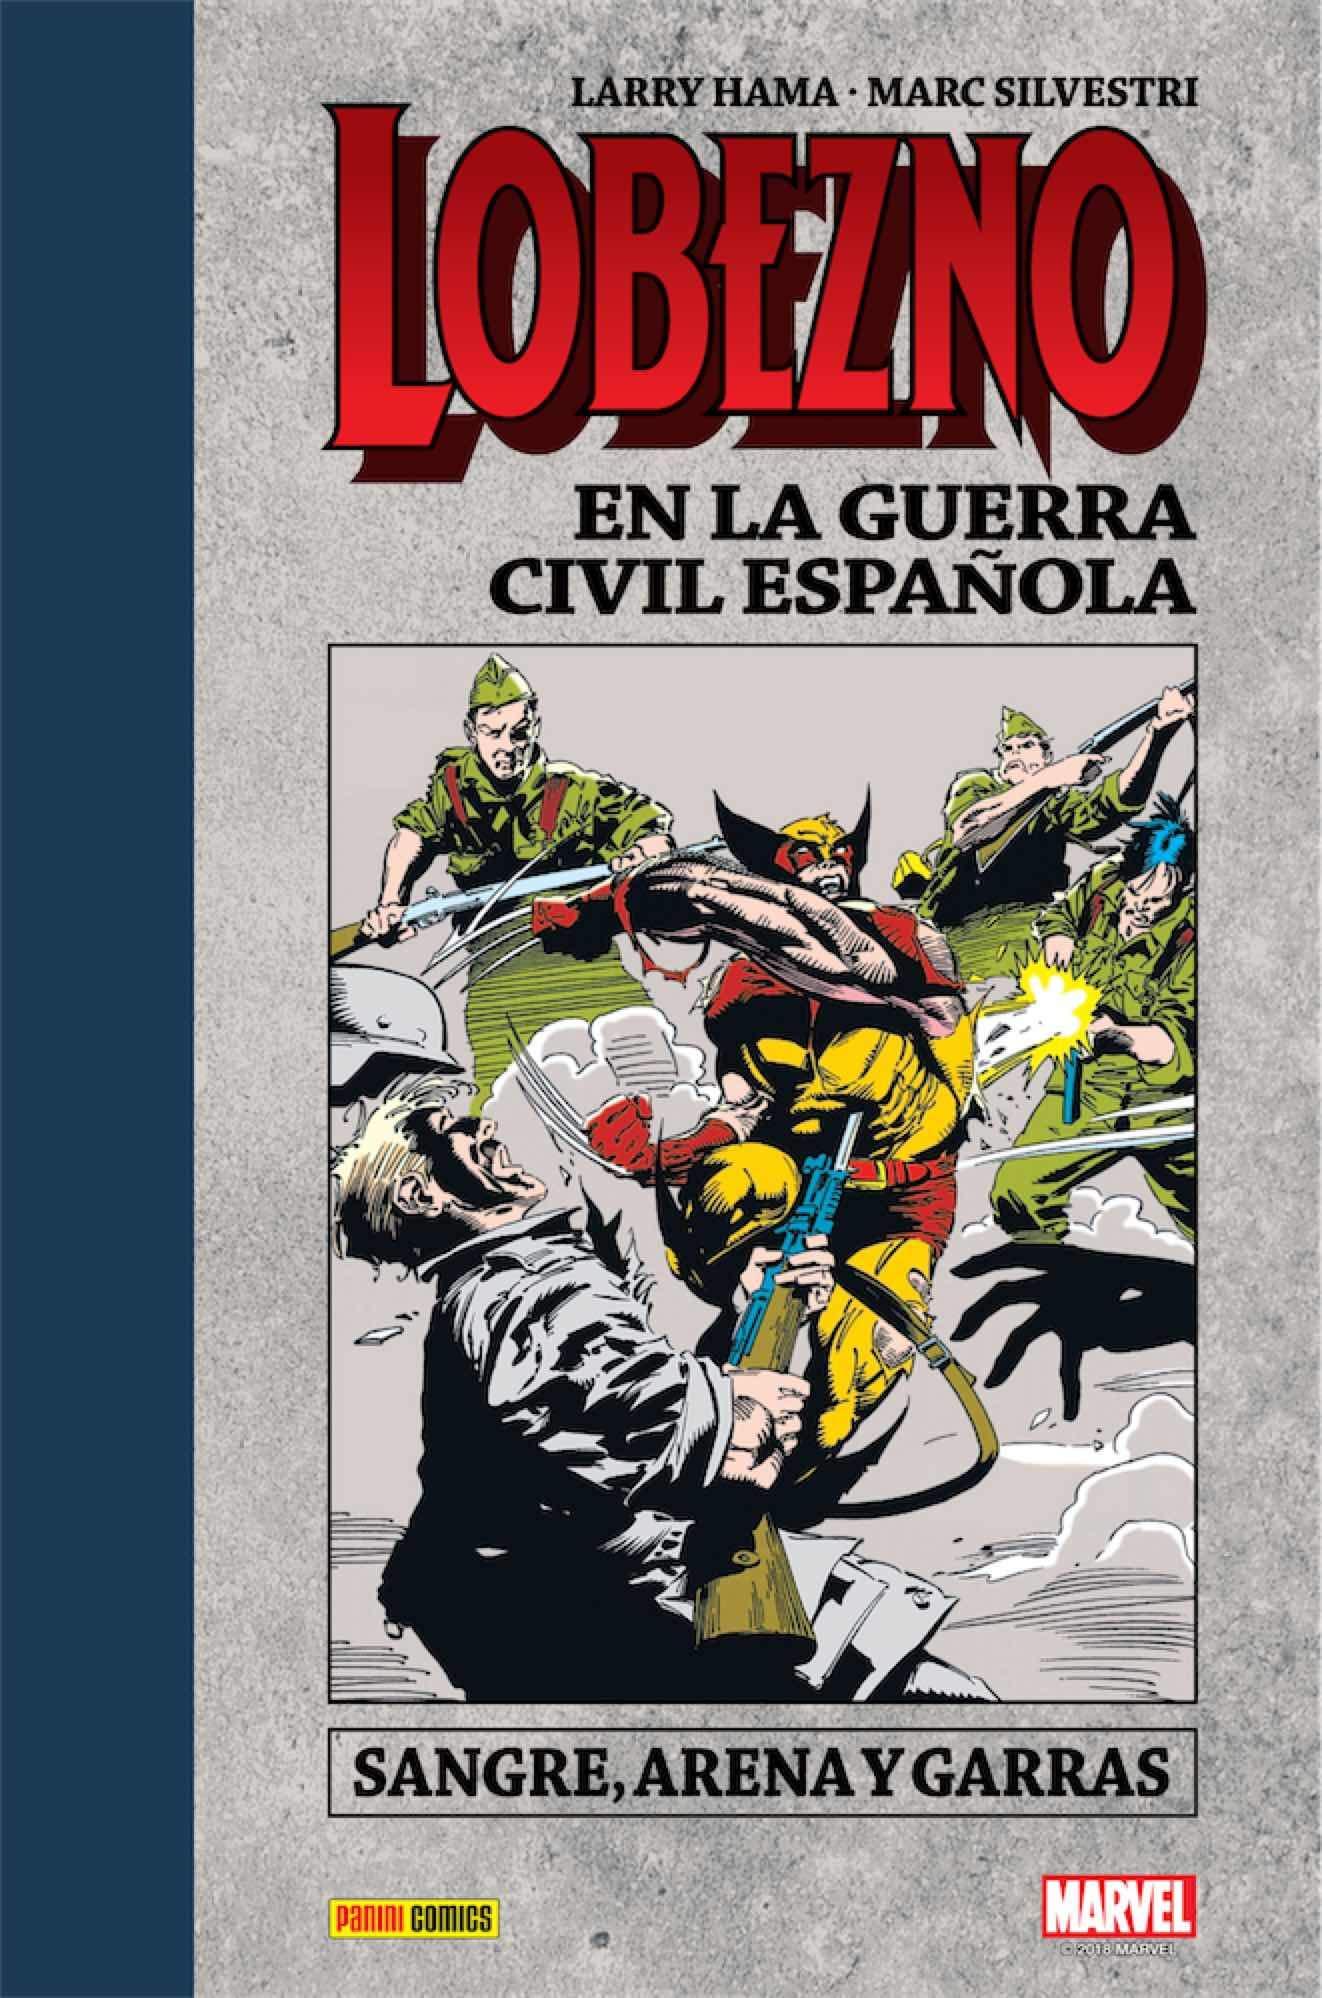 Lobezno en la Guerra Civil Española: Amazon.es: Hama Larry, Hama Larry: Libros